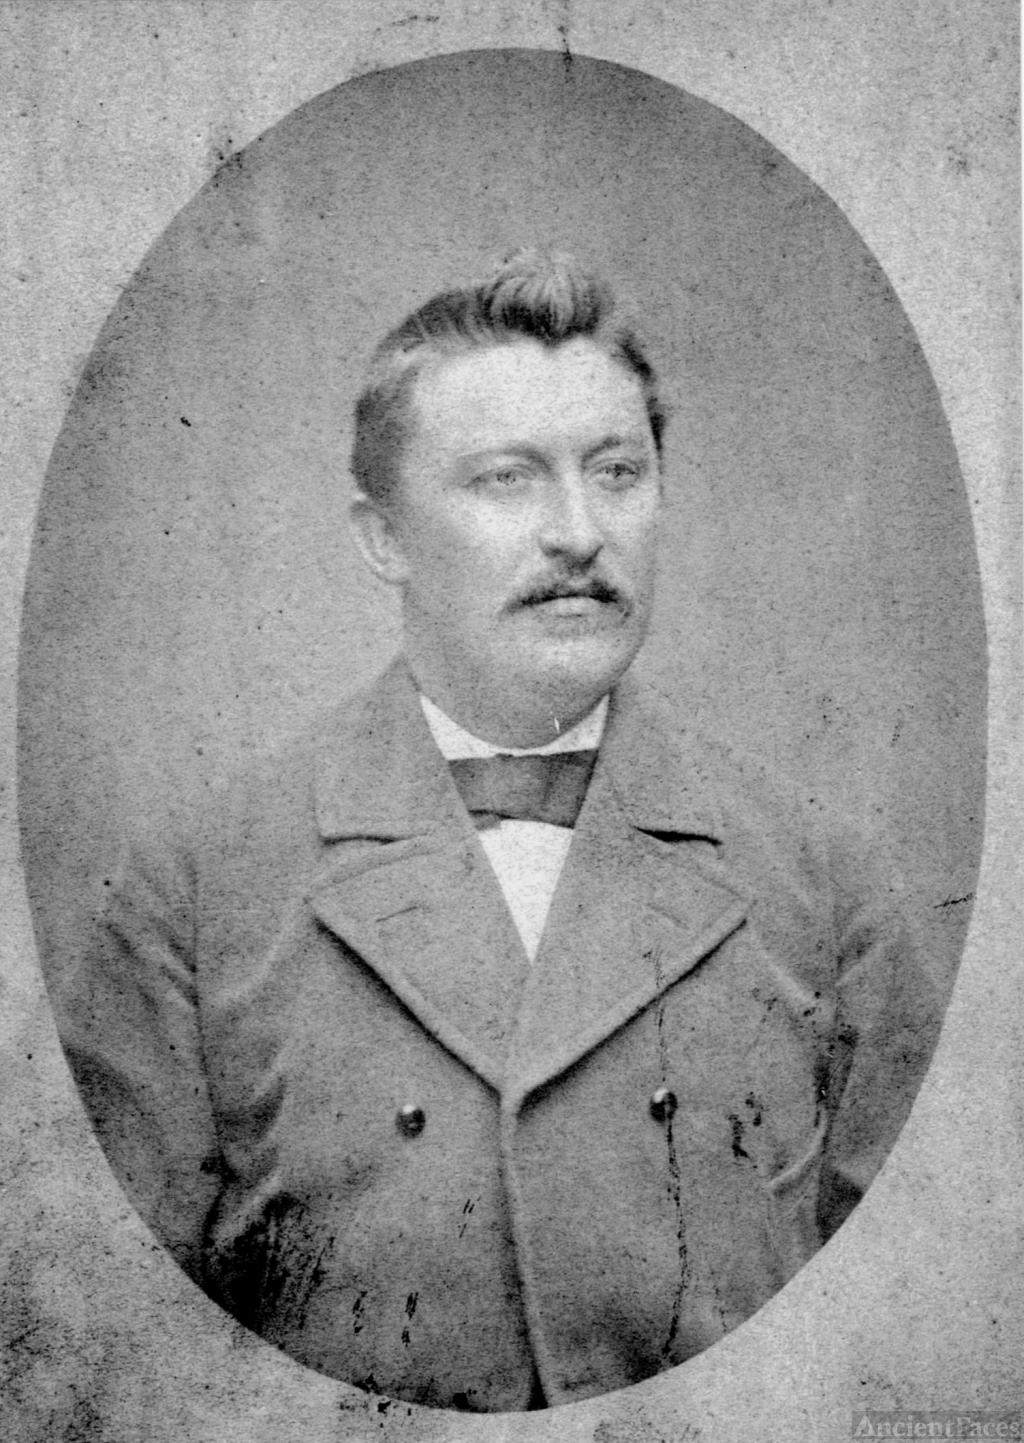 Andrew Guckenberger